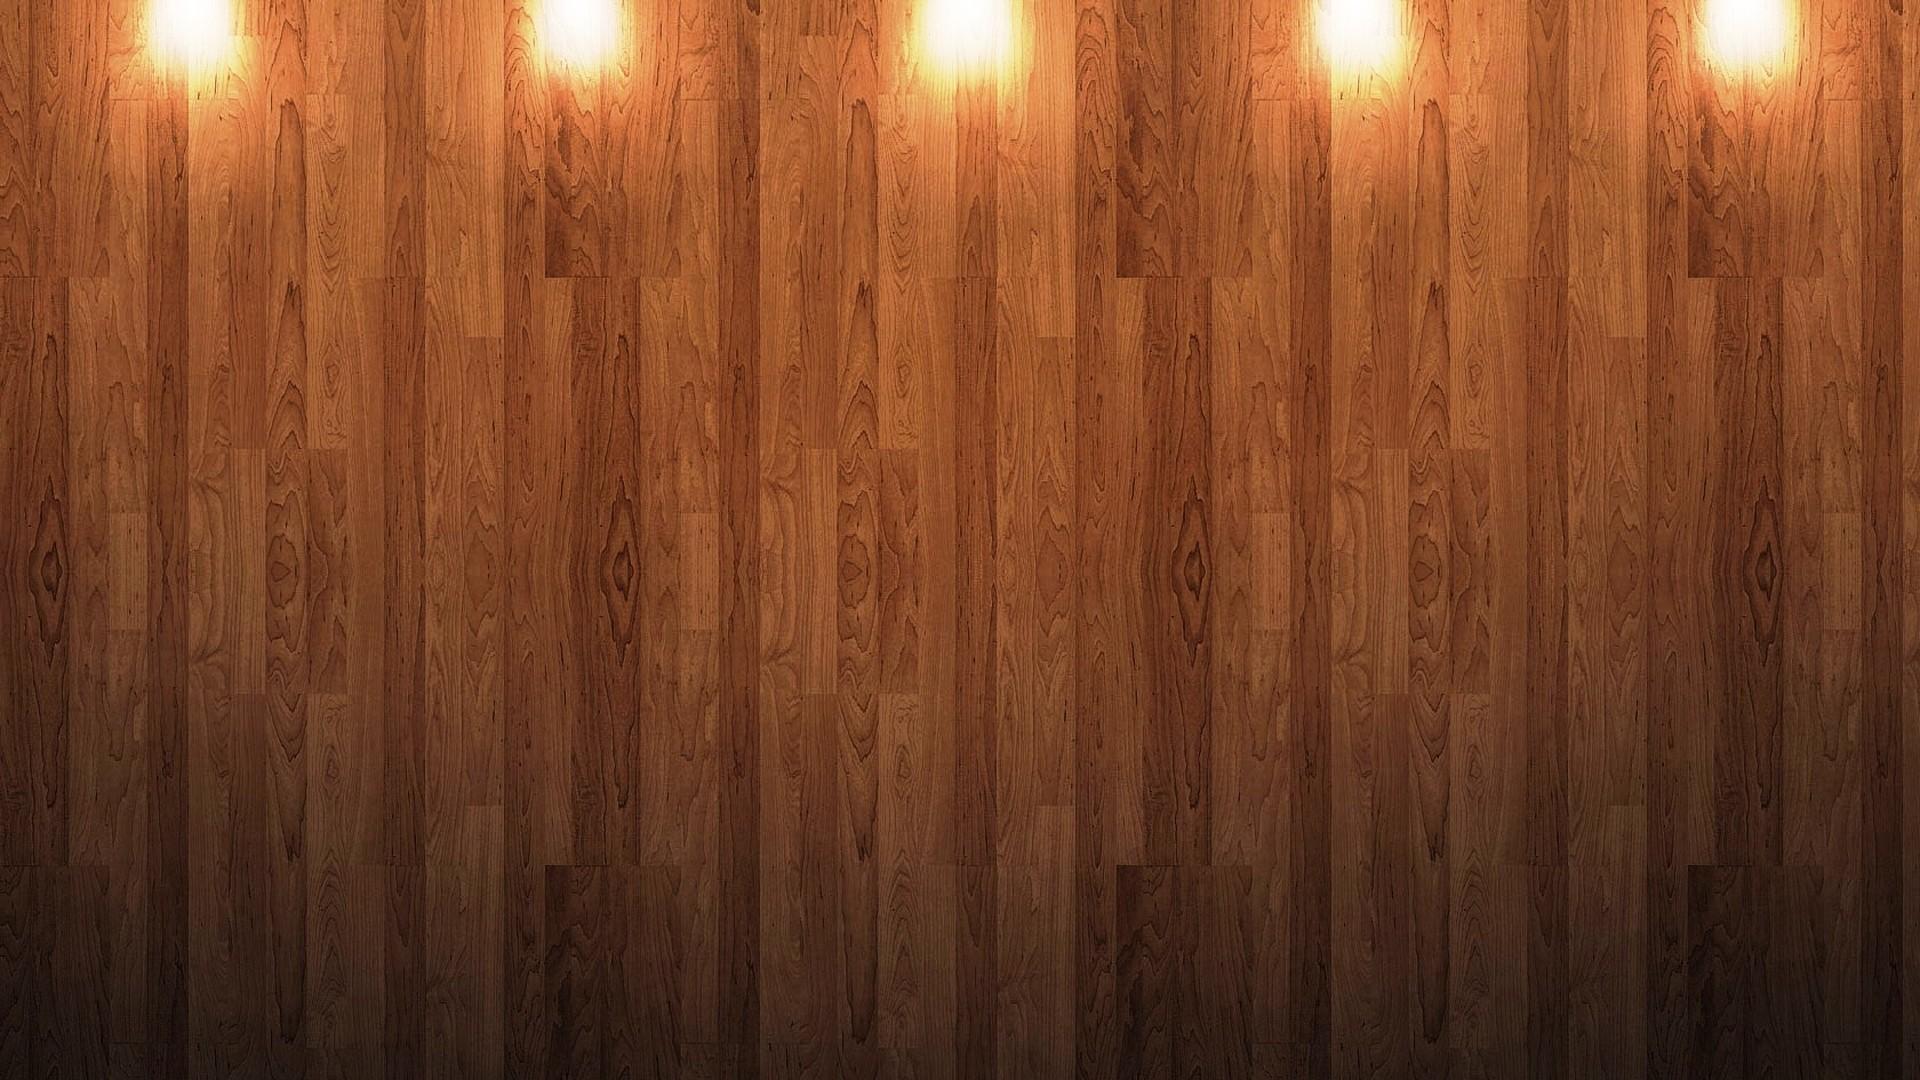 Shiplap wallpaper photo hd